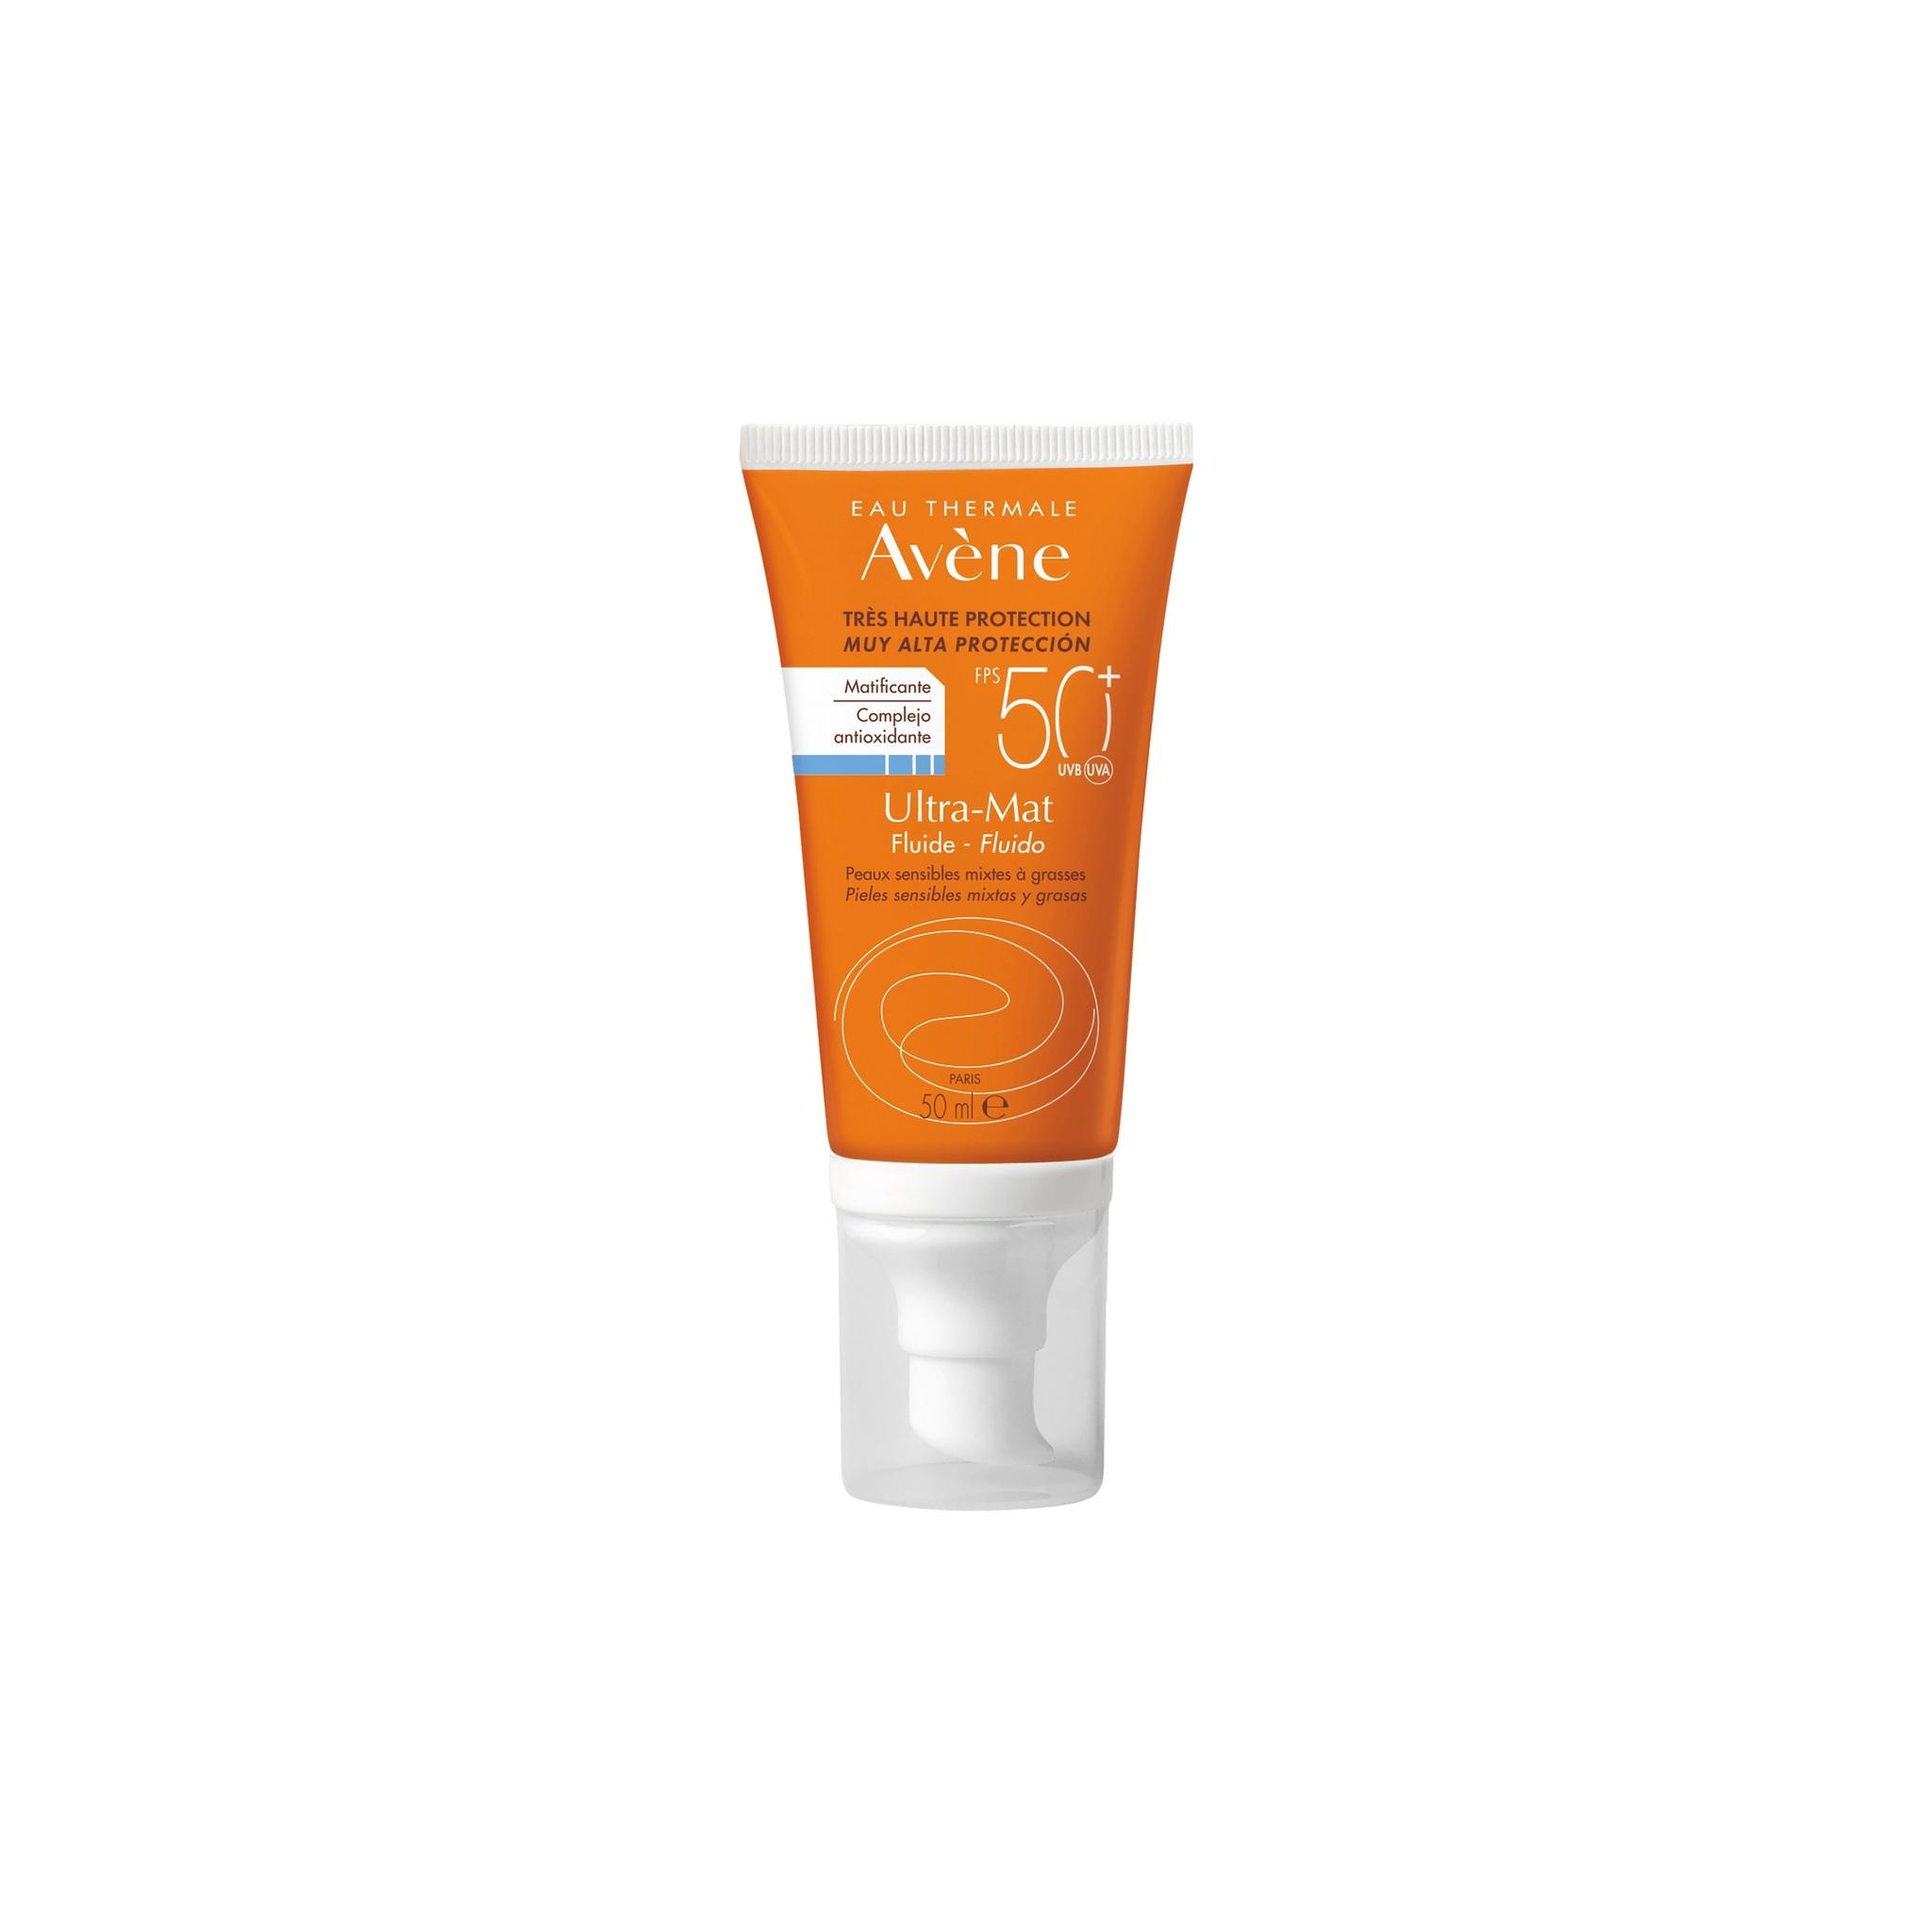 Con color. Ultra Mat Fluido SPF 50+, Avene. 18h de protección antioxidante, con vitamina C y textura ultra ligera con efecto anti-brillo 12h. 20,60 euros.